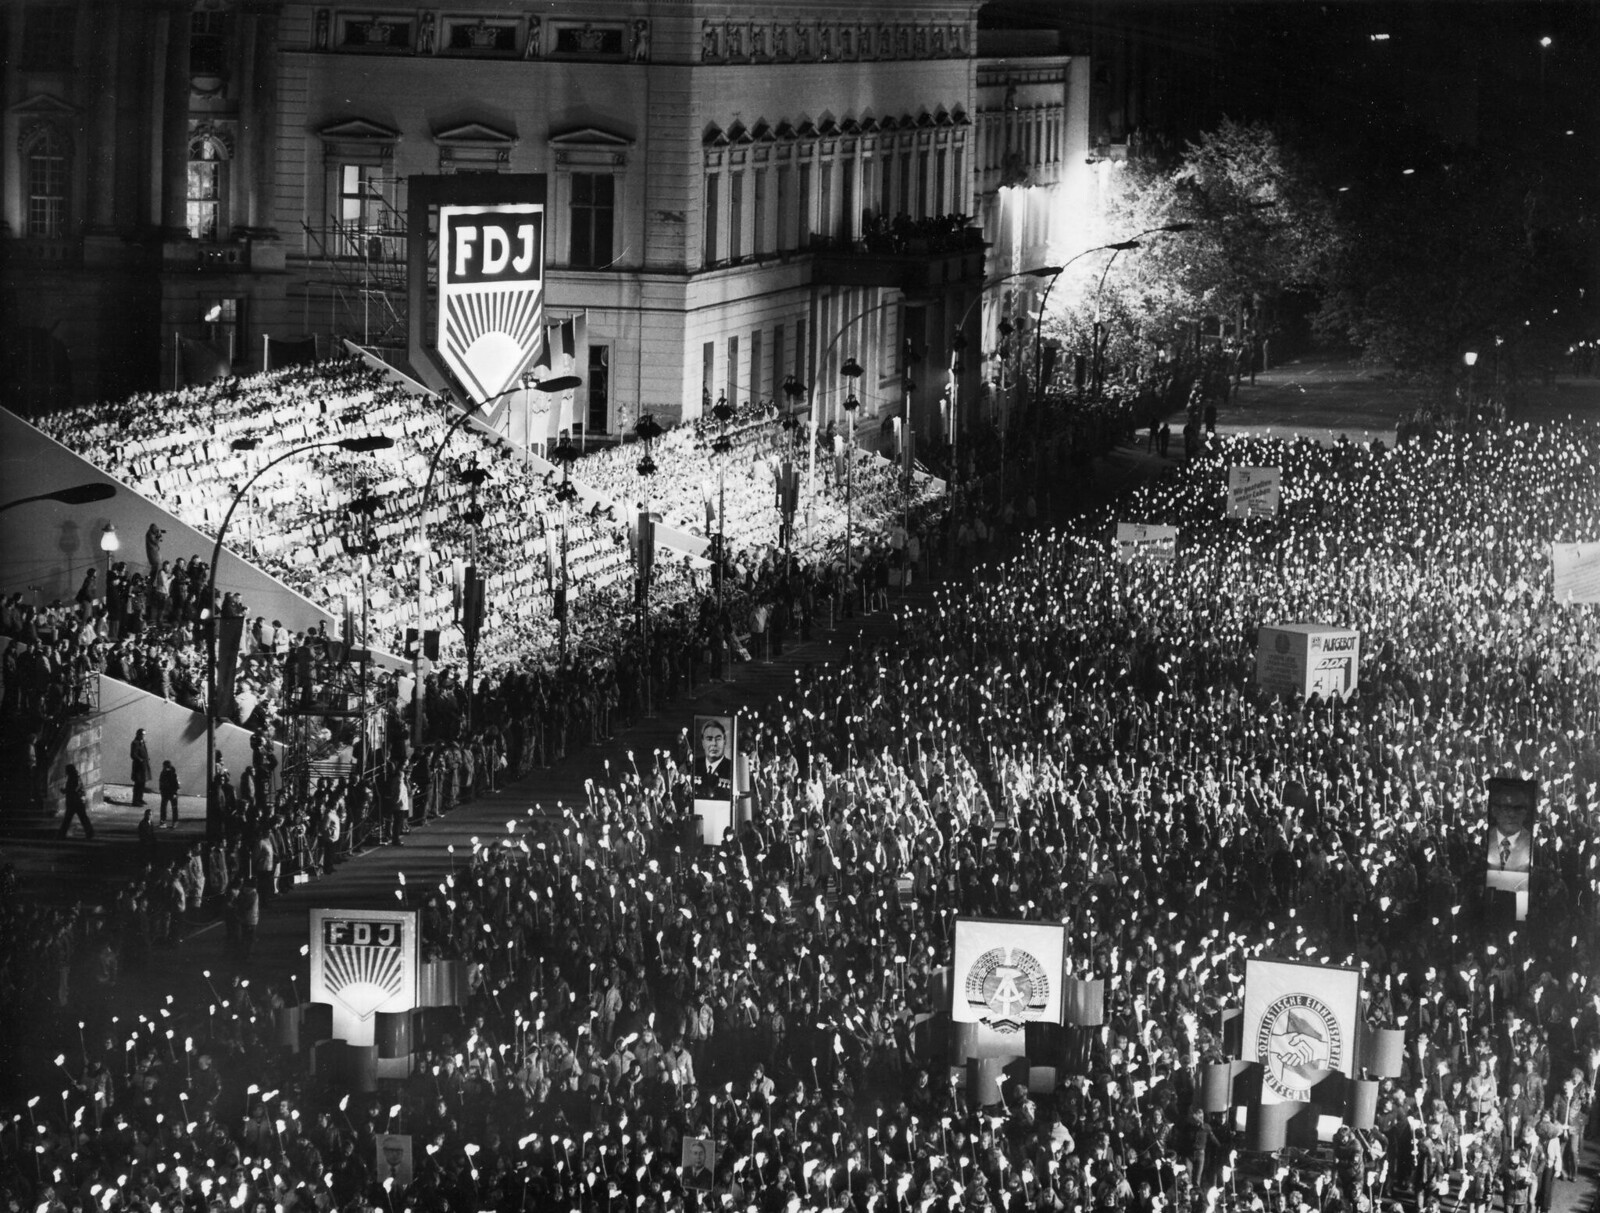 1979. Факельное шествие немецких молодежных организаций в честь 30-летия основания ГДР на проспекте Унтер-дер-Линден в Берлине, 10 октября